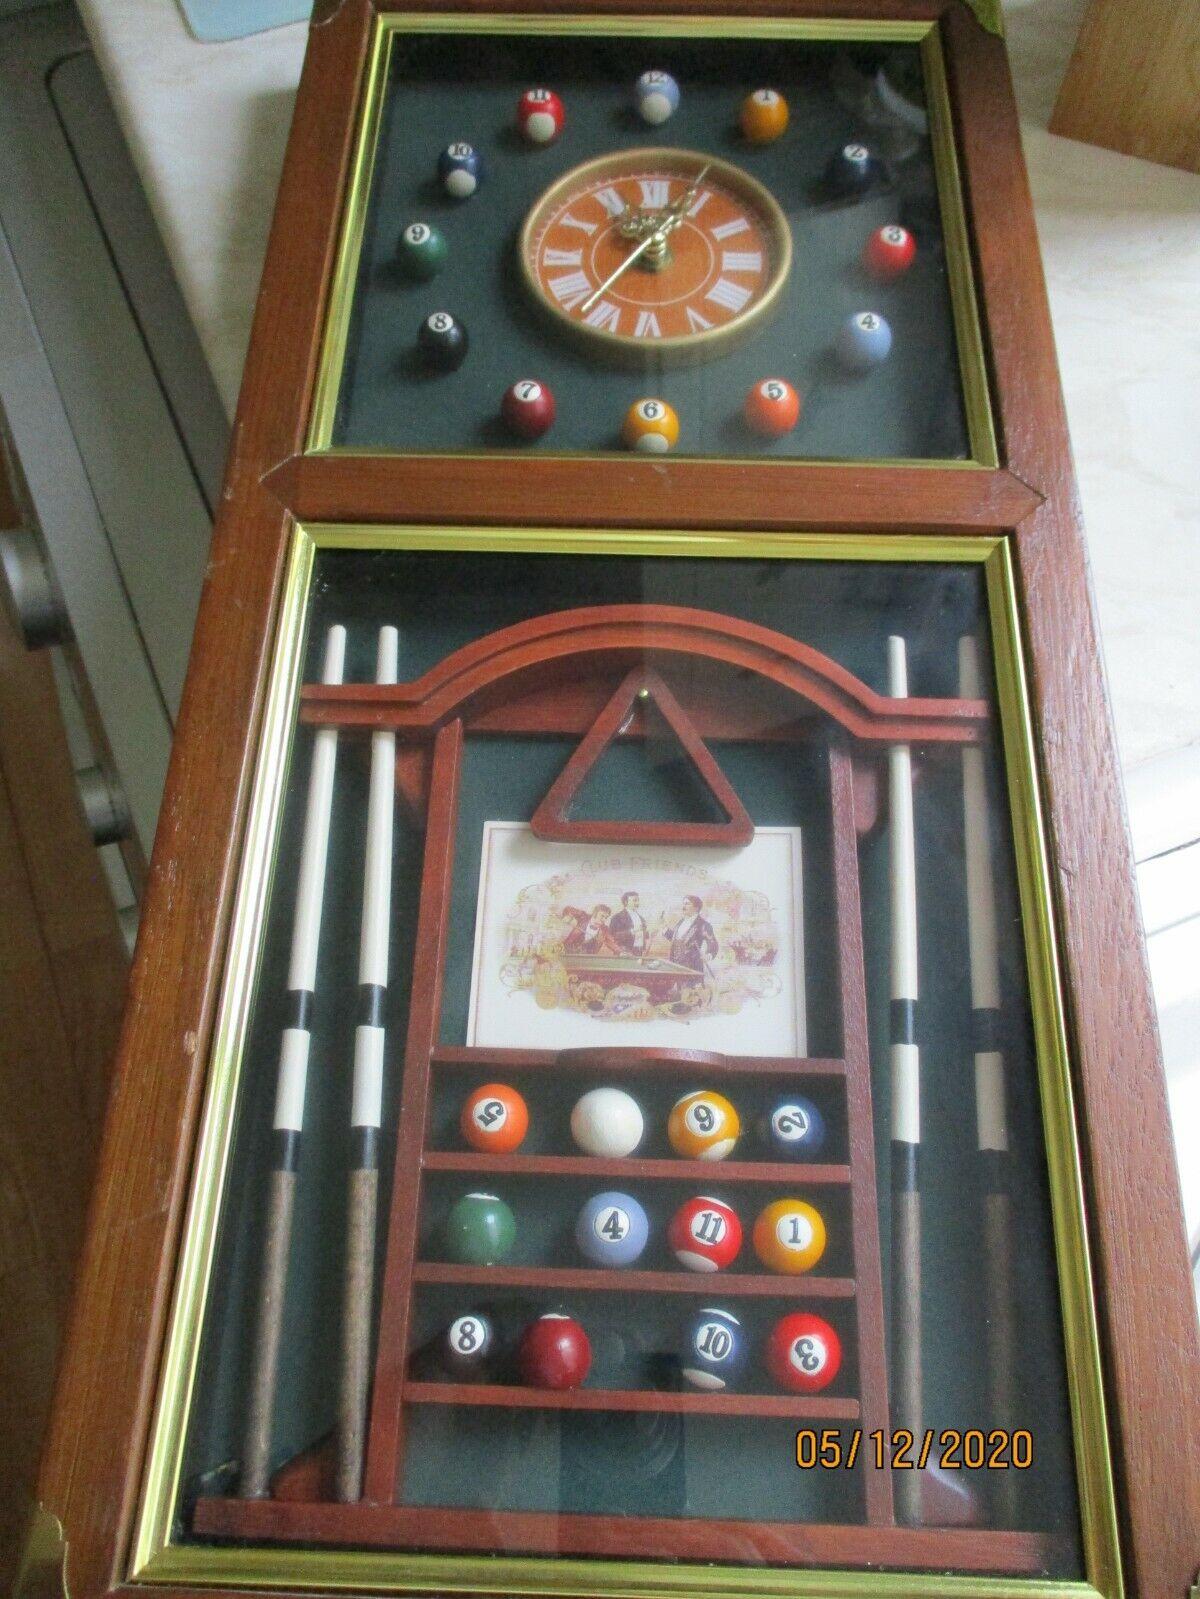 billiards wall clock (working)